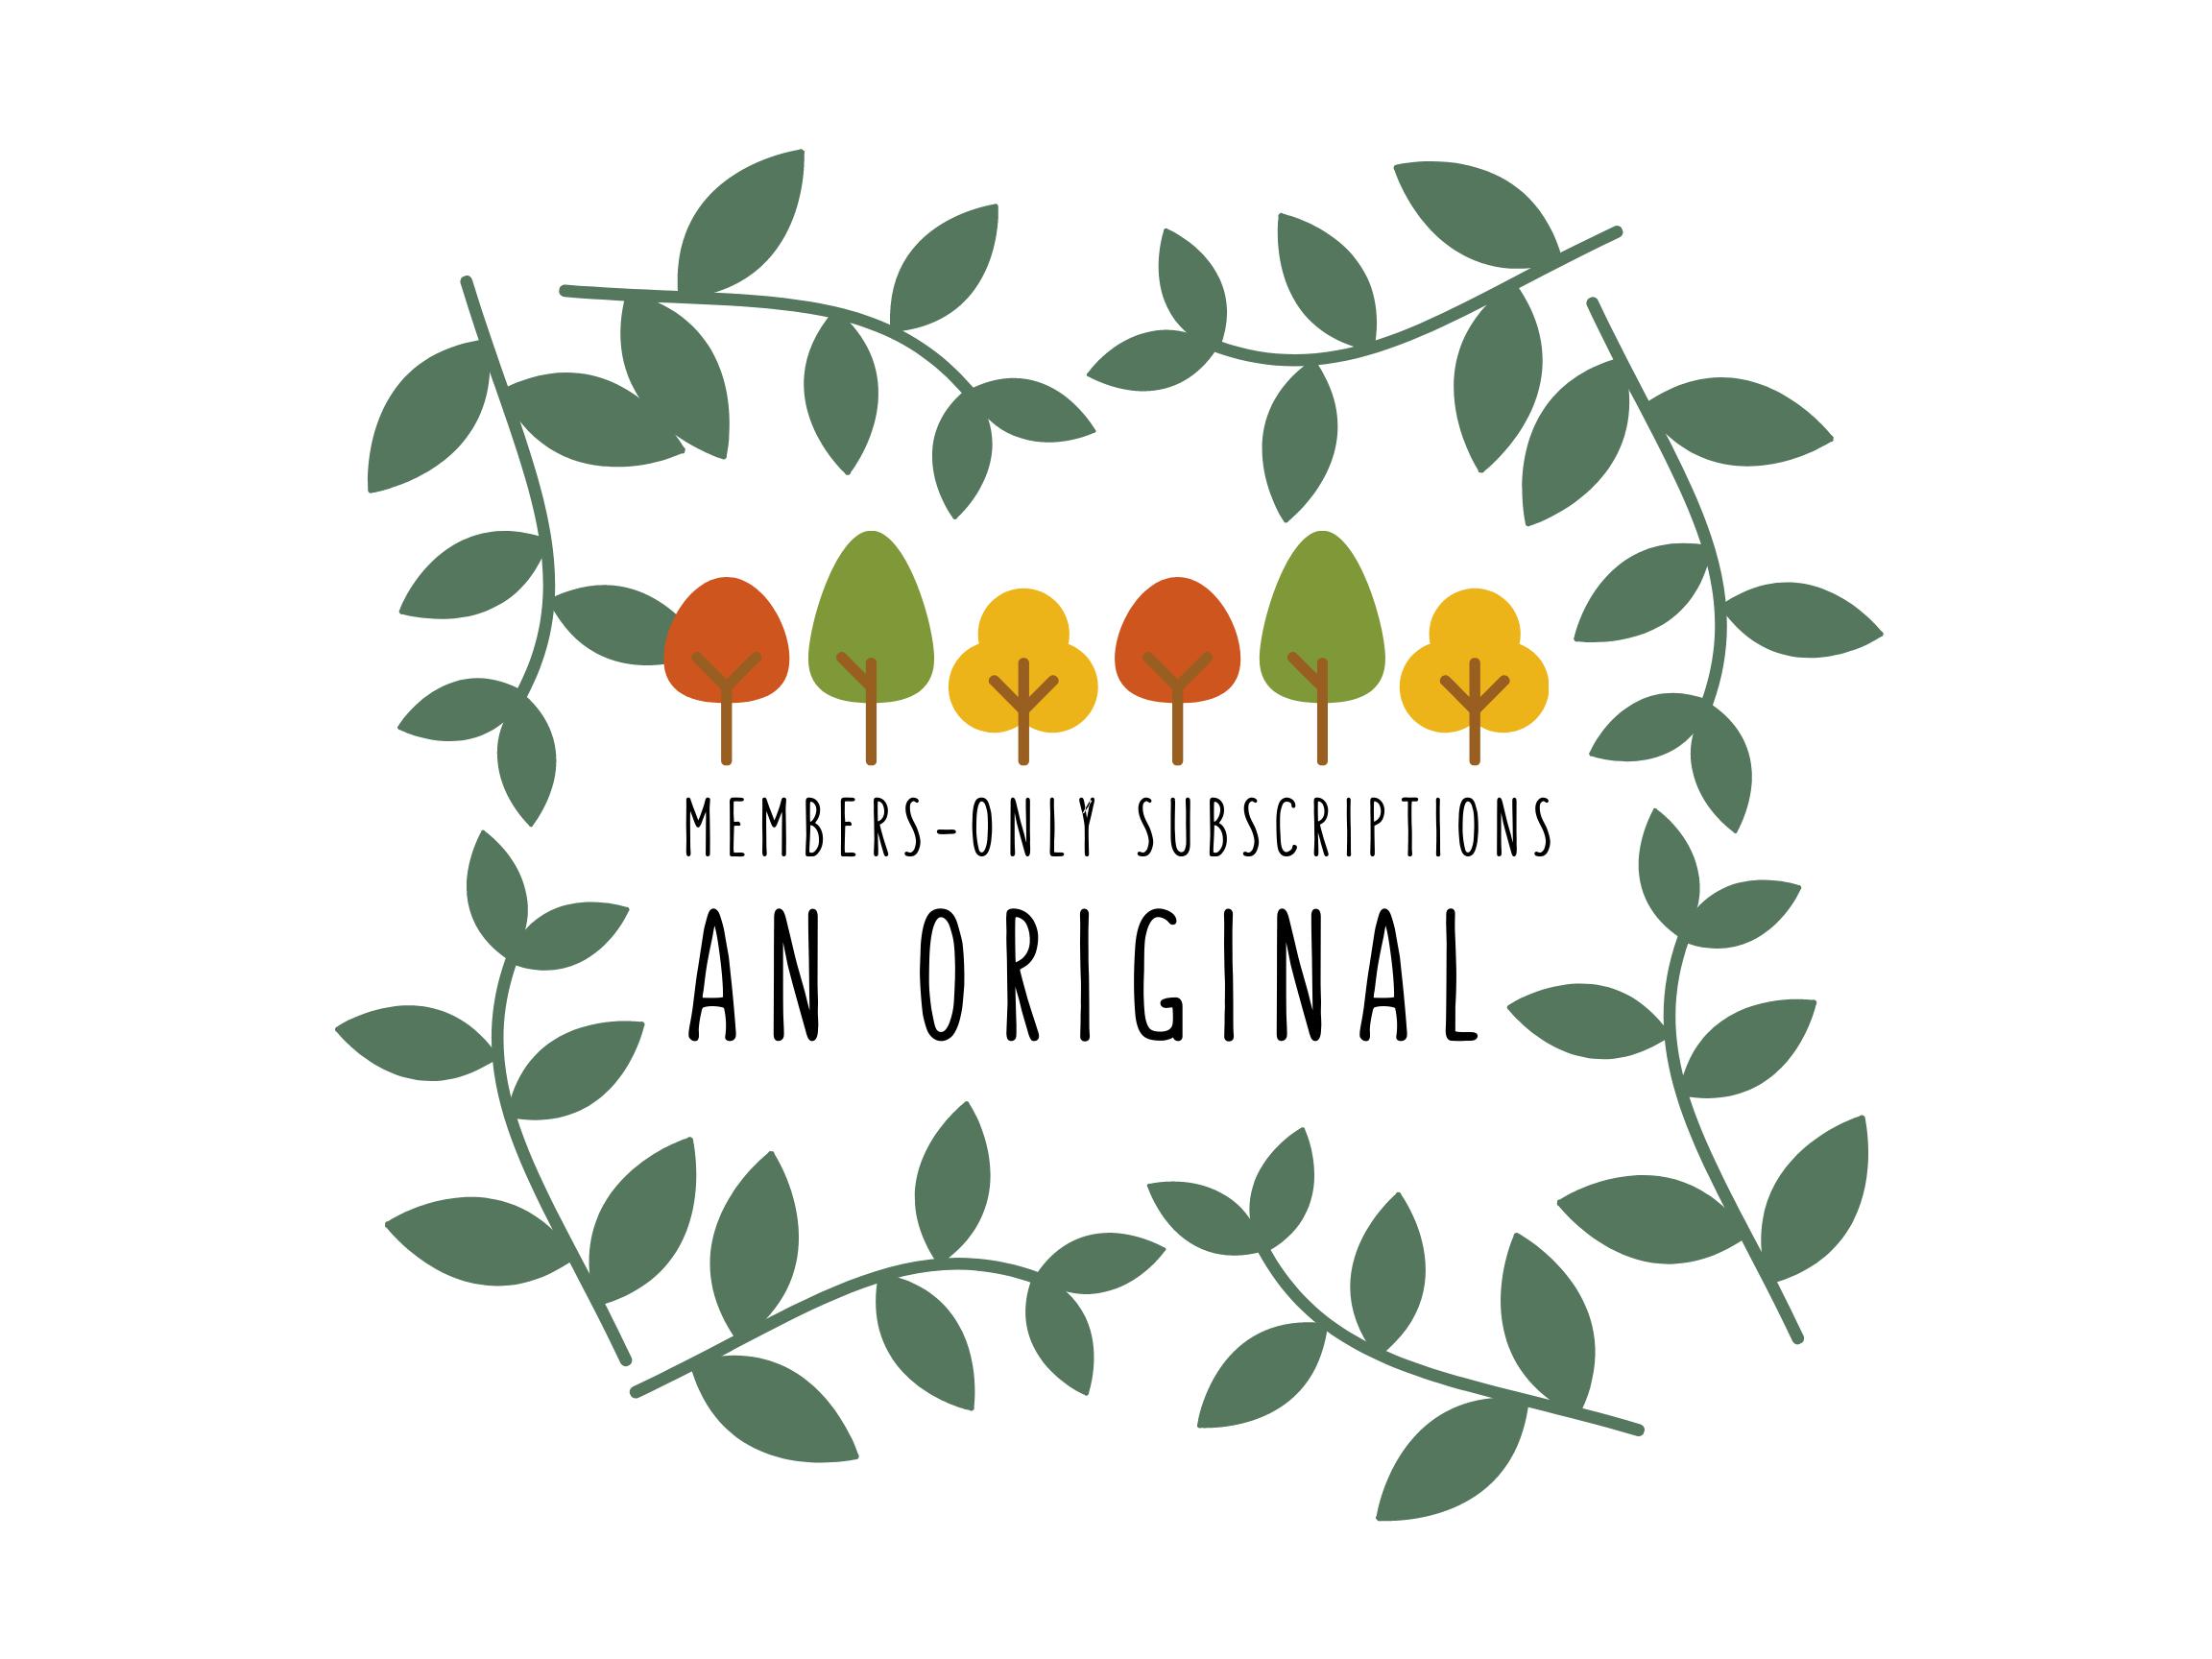 An original – website Members only